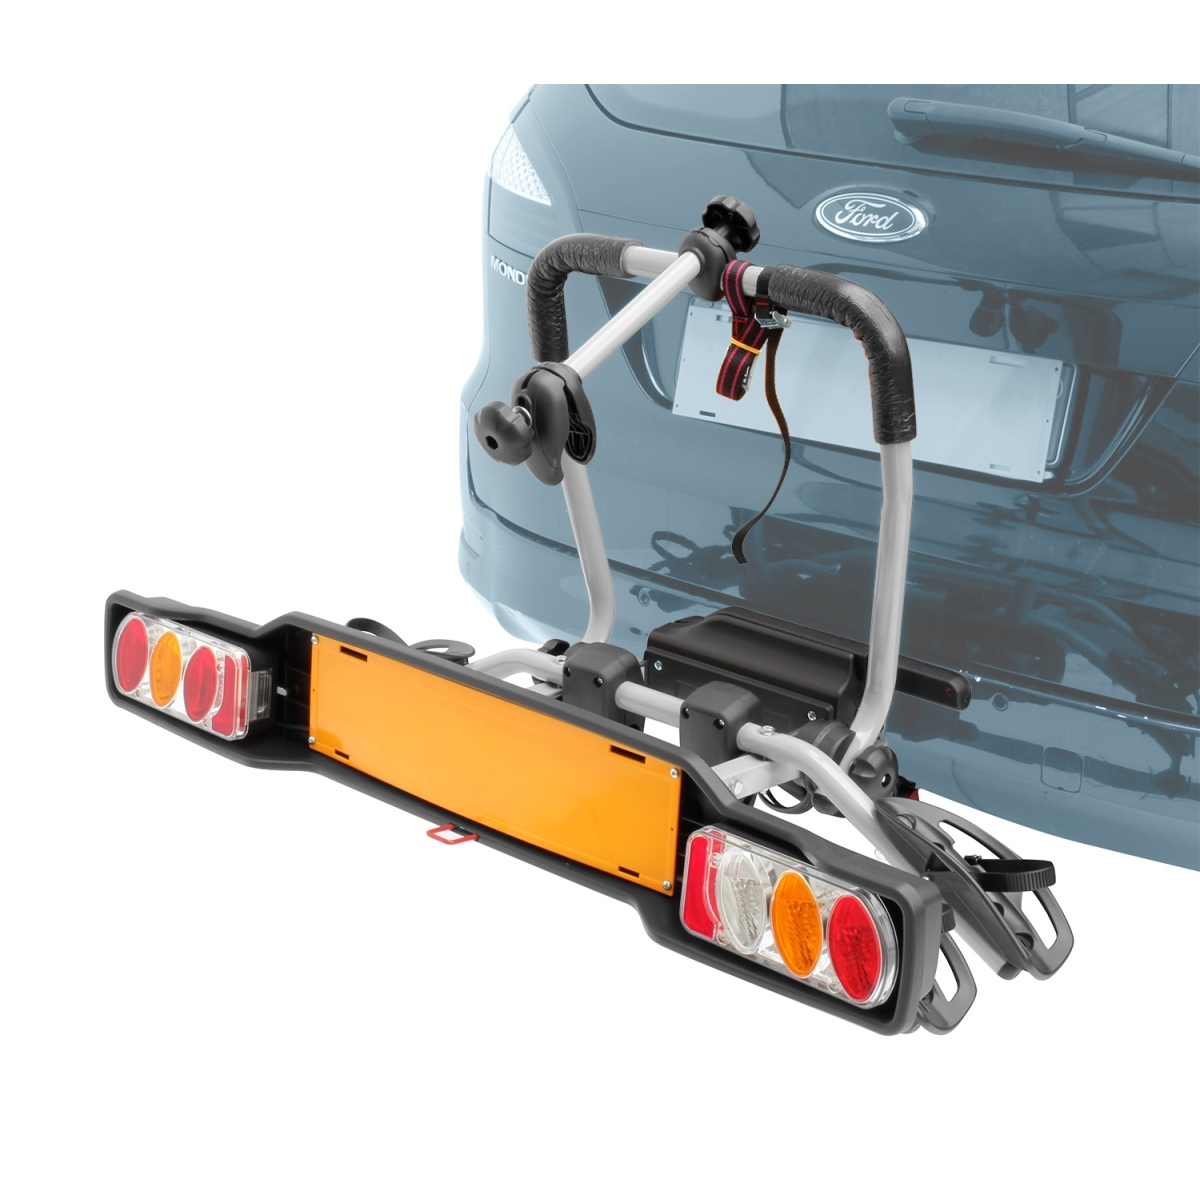 Nosič na tažné zařízení PERUZZO PARMA - 2 kola